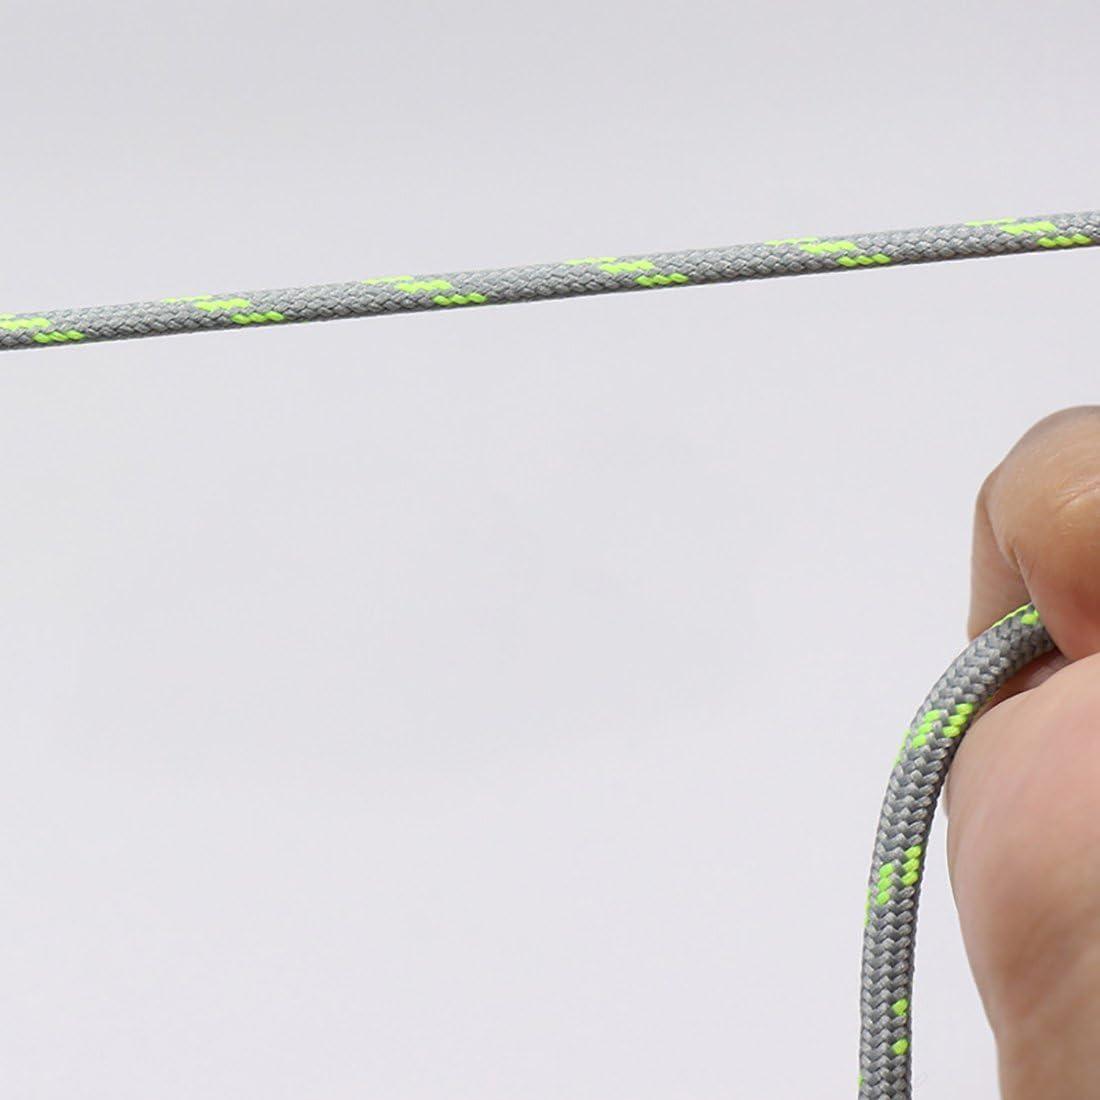 YaToy Lacets Ronds Antid/érapants Ext/érieurs dEscalade de Cordon Remplacement